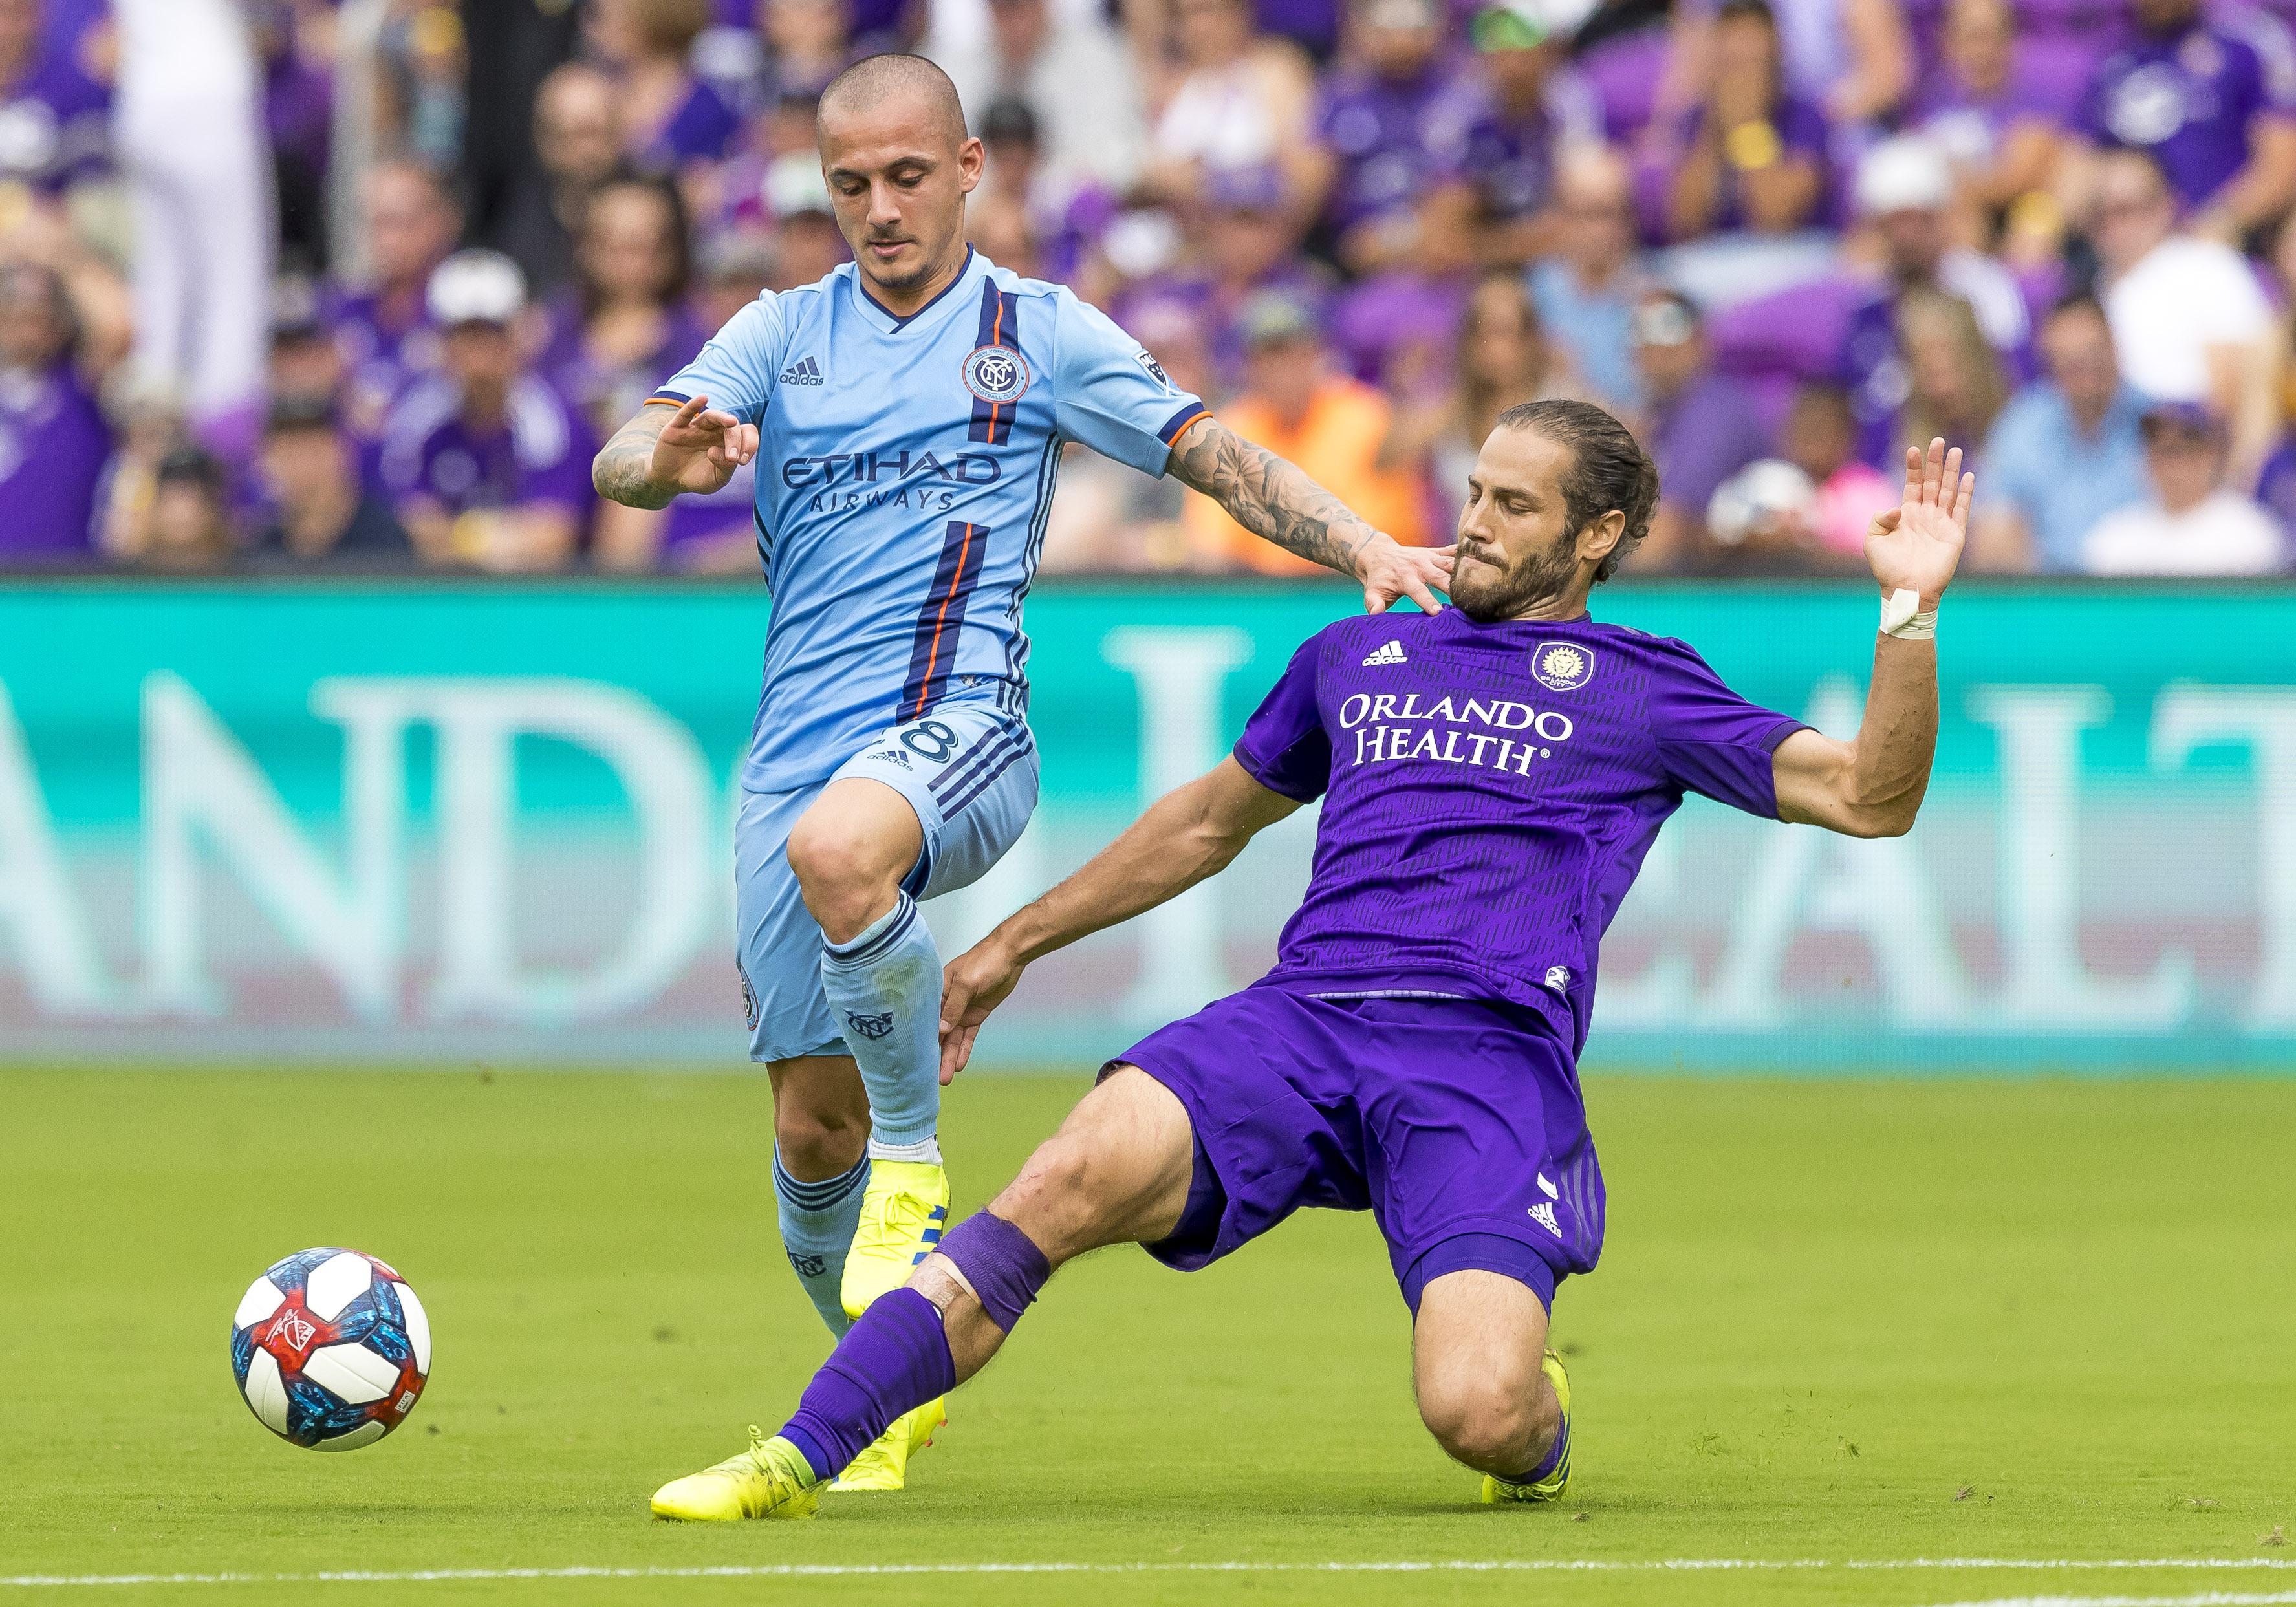 SOCCER: MAR 02 MLS - New York City FC at Orlando City SC